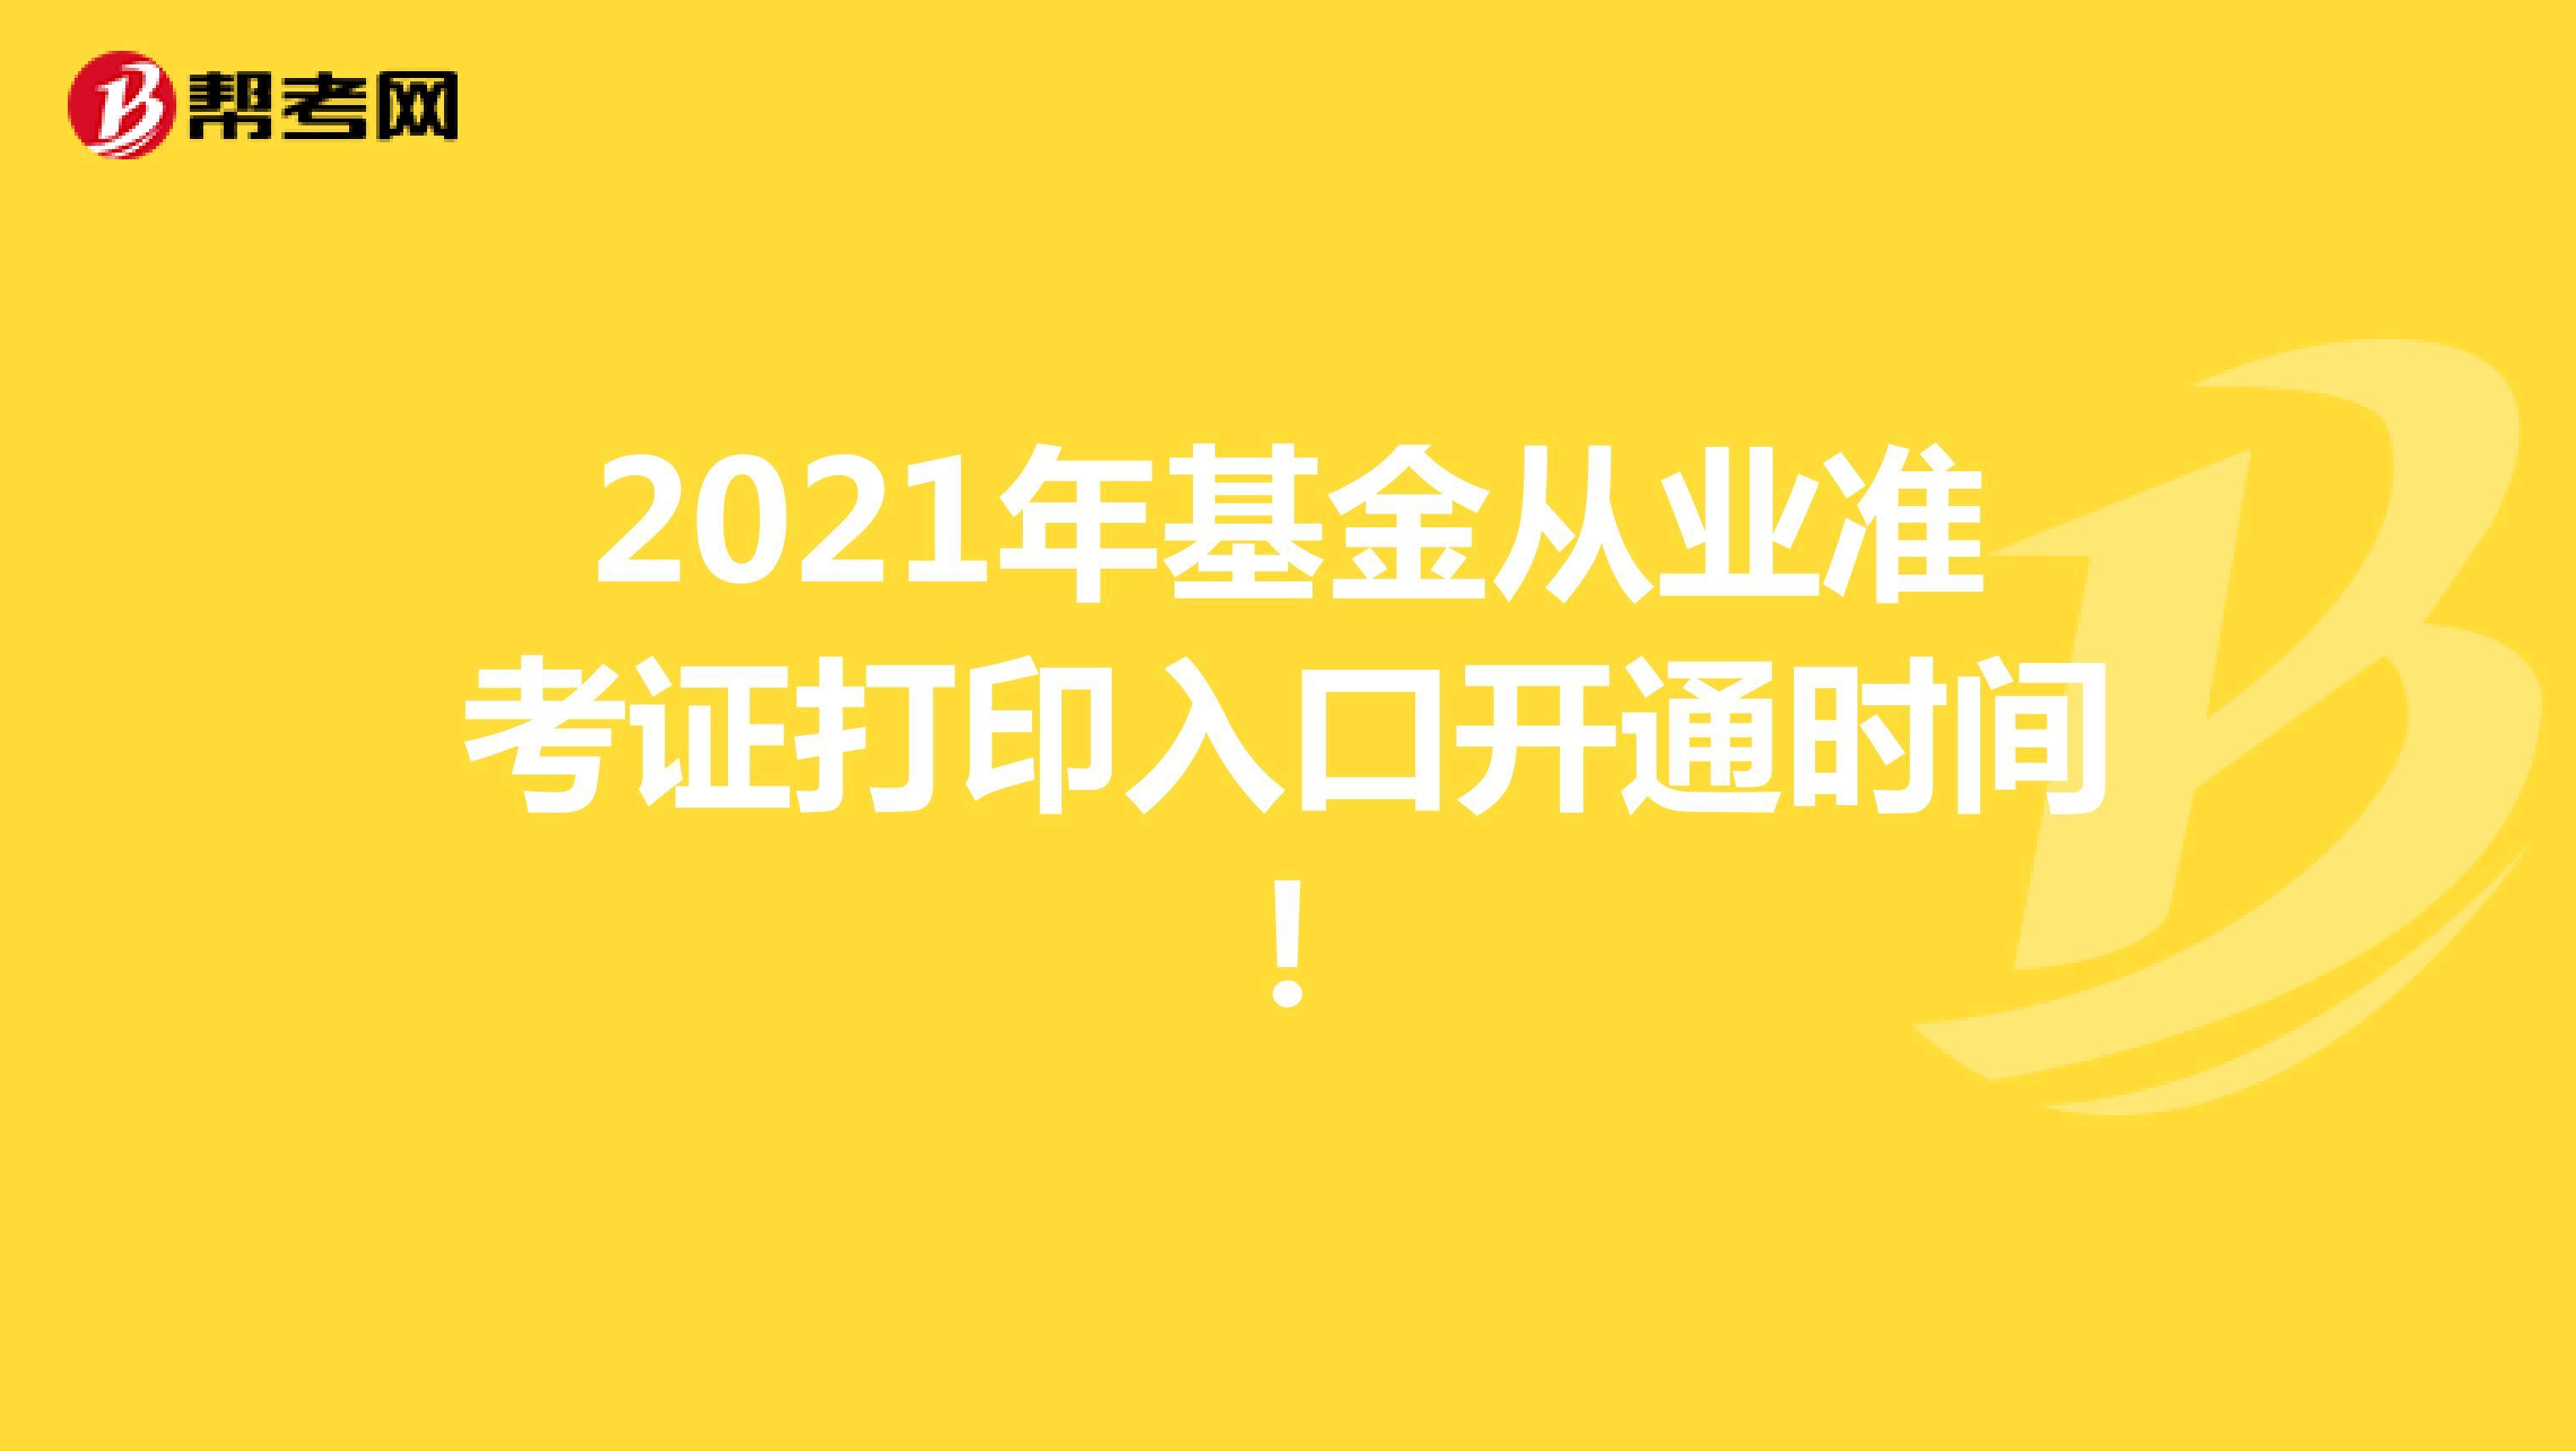 2021年基金從業準考證打印入口開通時間!